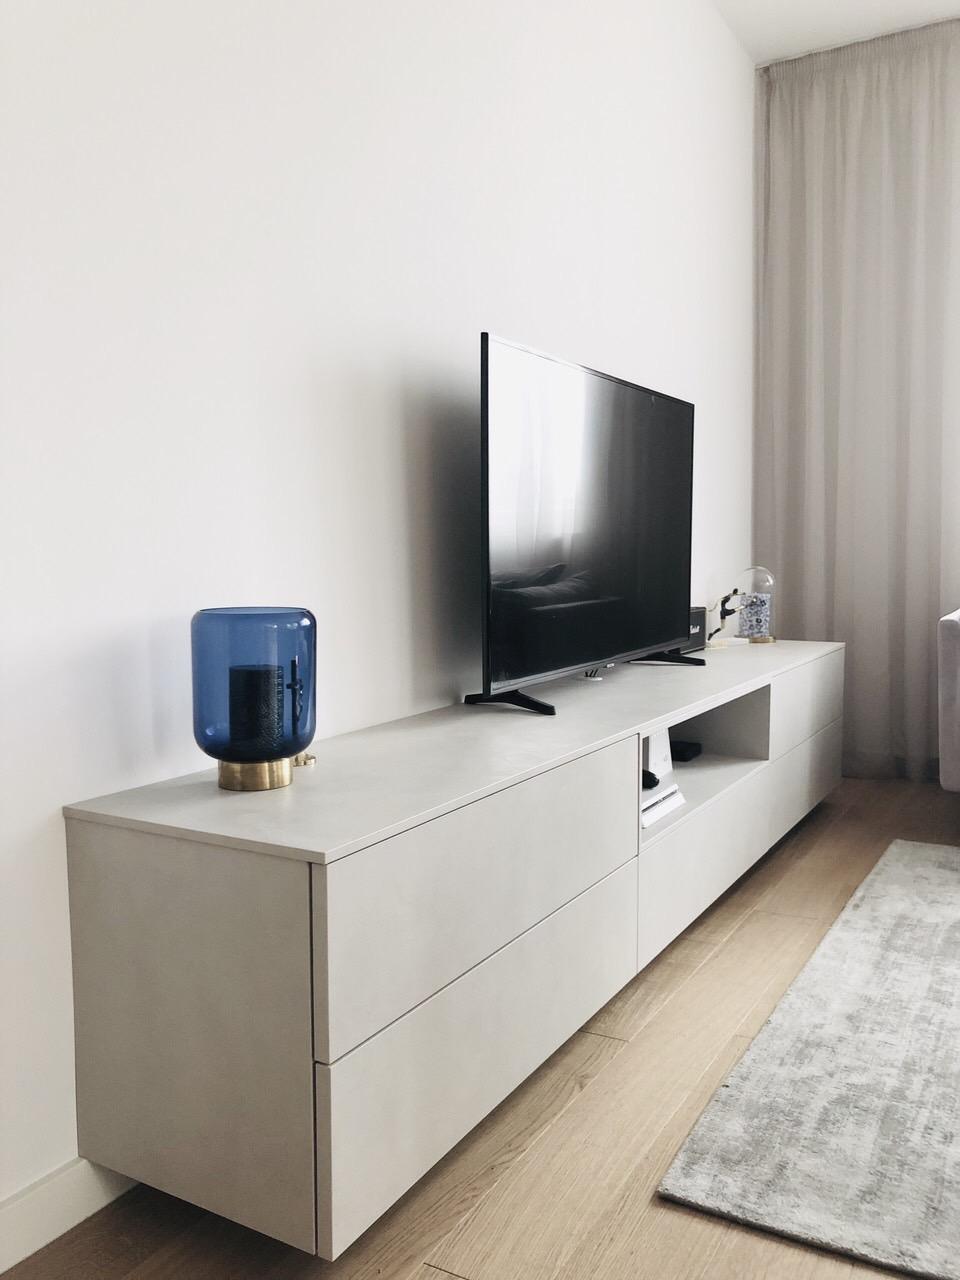 Alf dafre komoda za Tv